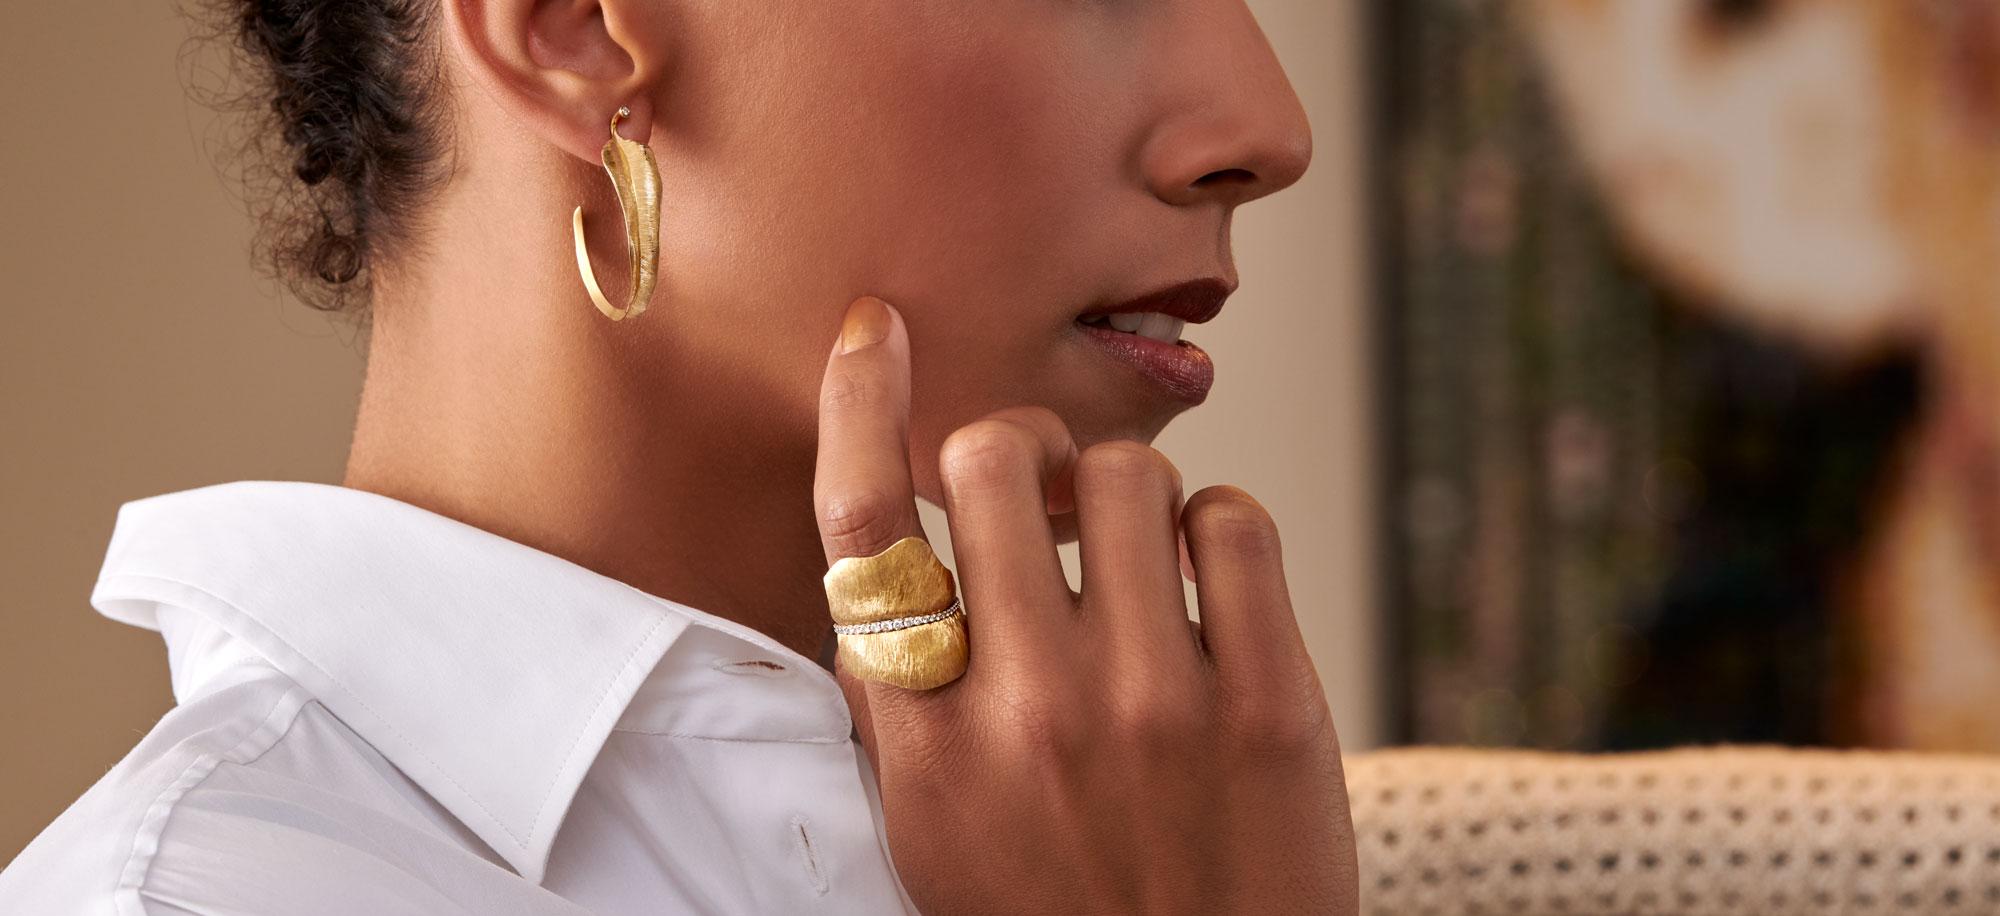 ole lyngaard, banner, mode, juwelen, jewels, ring, fashion, jewelry, juwelen, franssen, franssen juwelen, franssen, hasselt